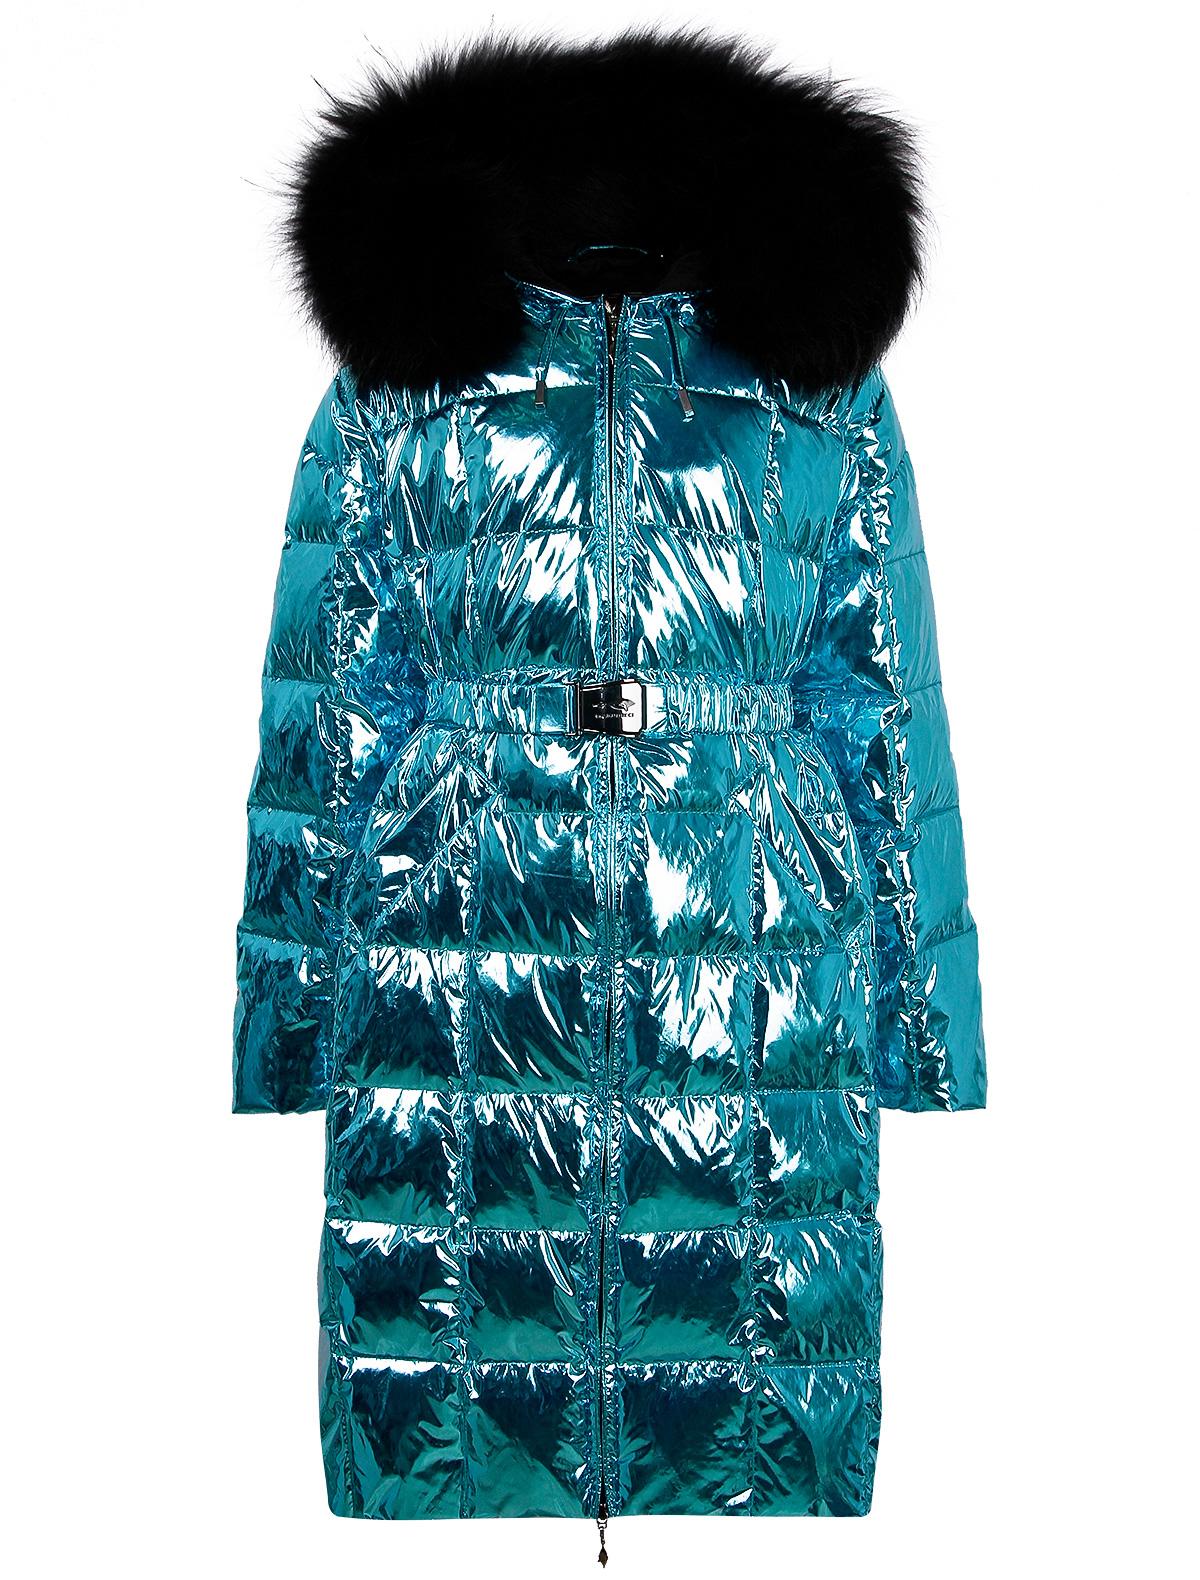 Купить 2261347, Пальто Manudieci, голубой, Женский, 1124509081076